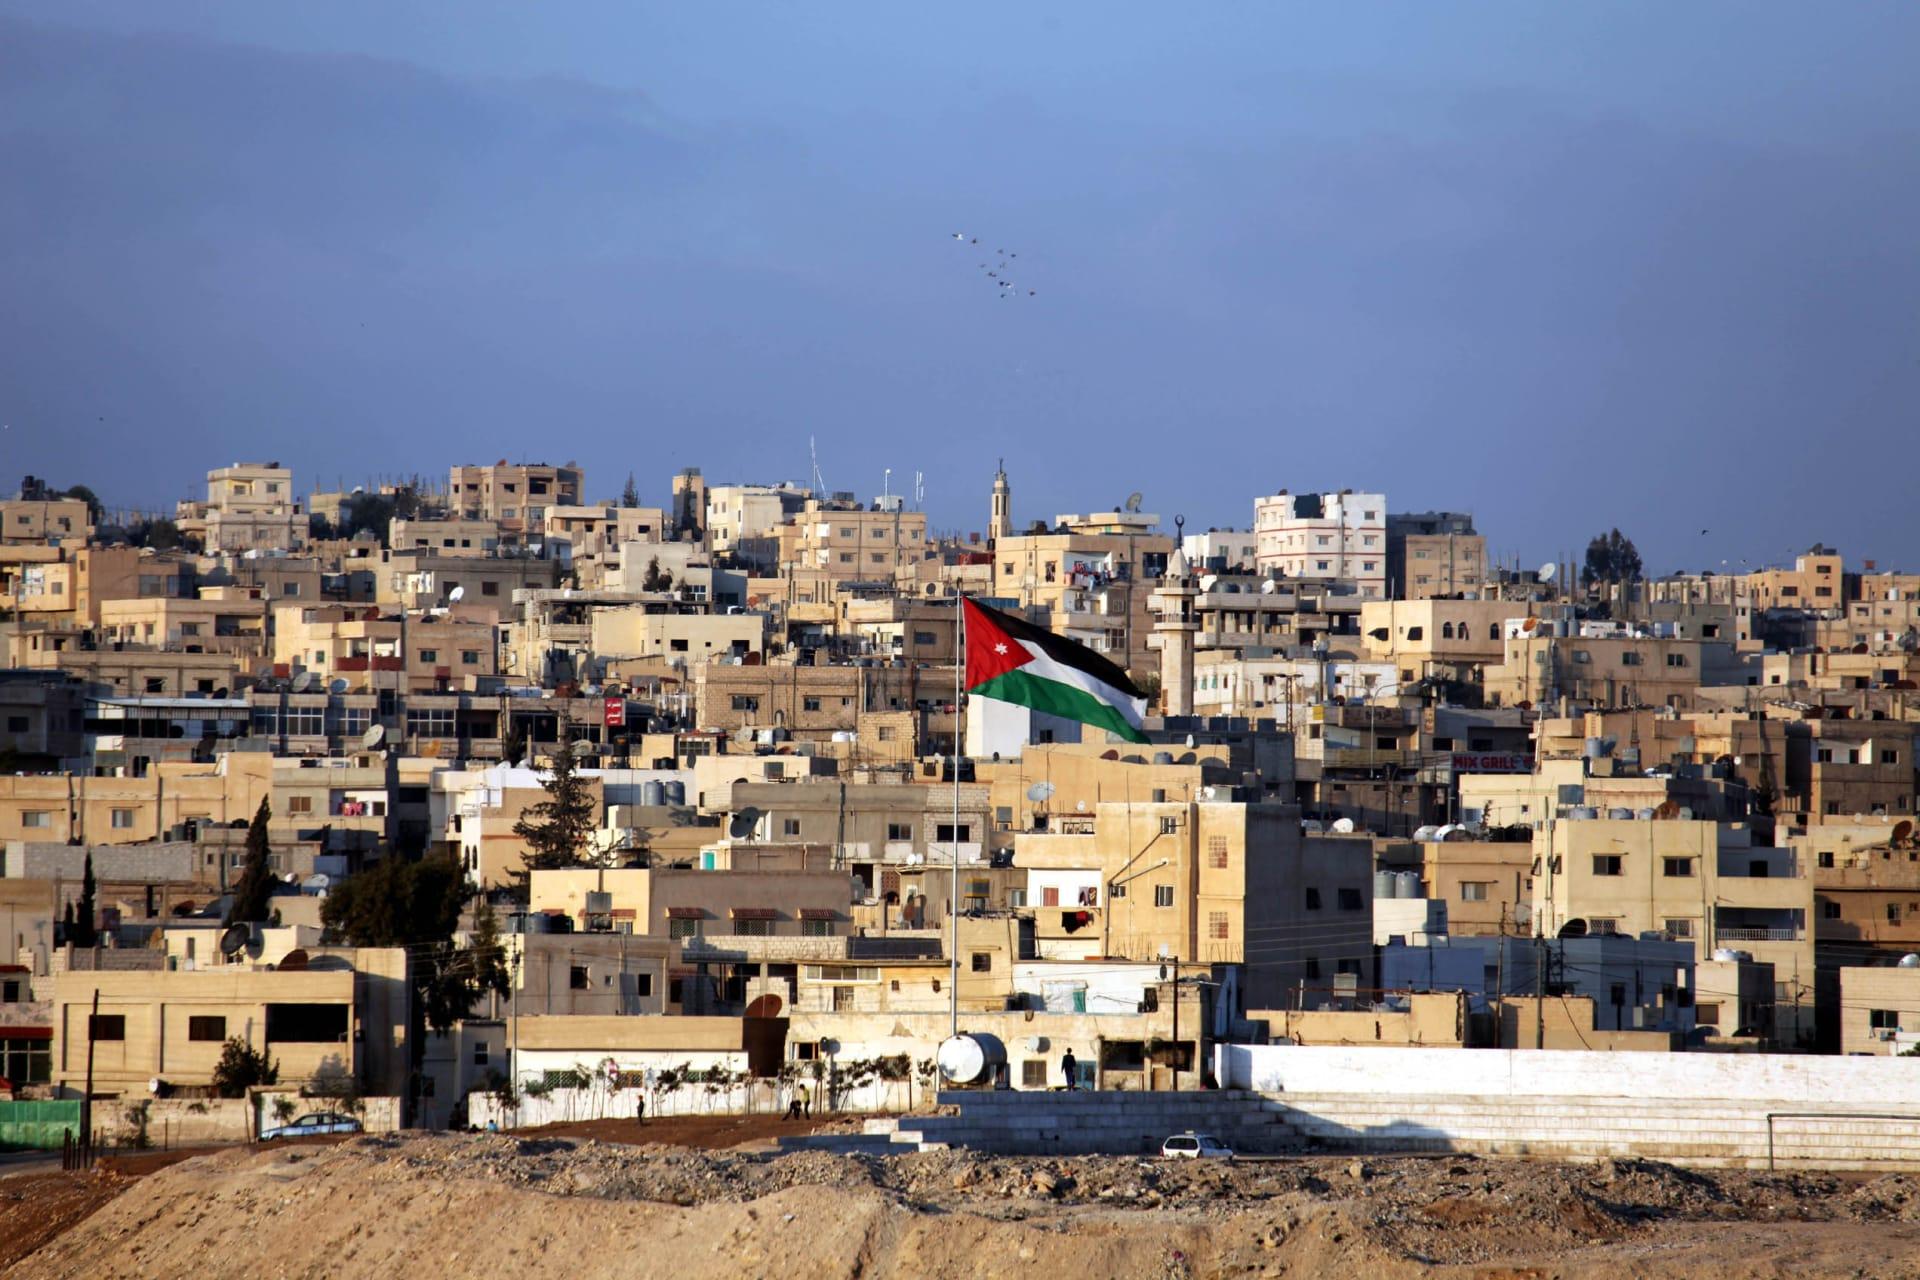 """وفاة مواطن مصري إثر """"اعتداء"""" في مدينة الزرقاء الأردنية"""